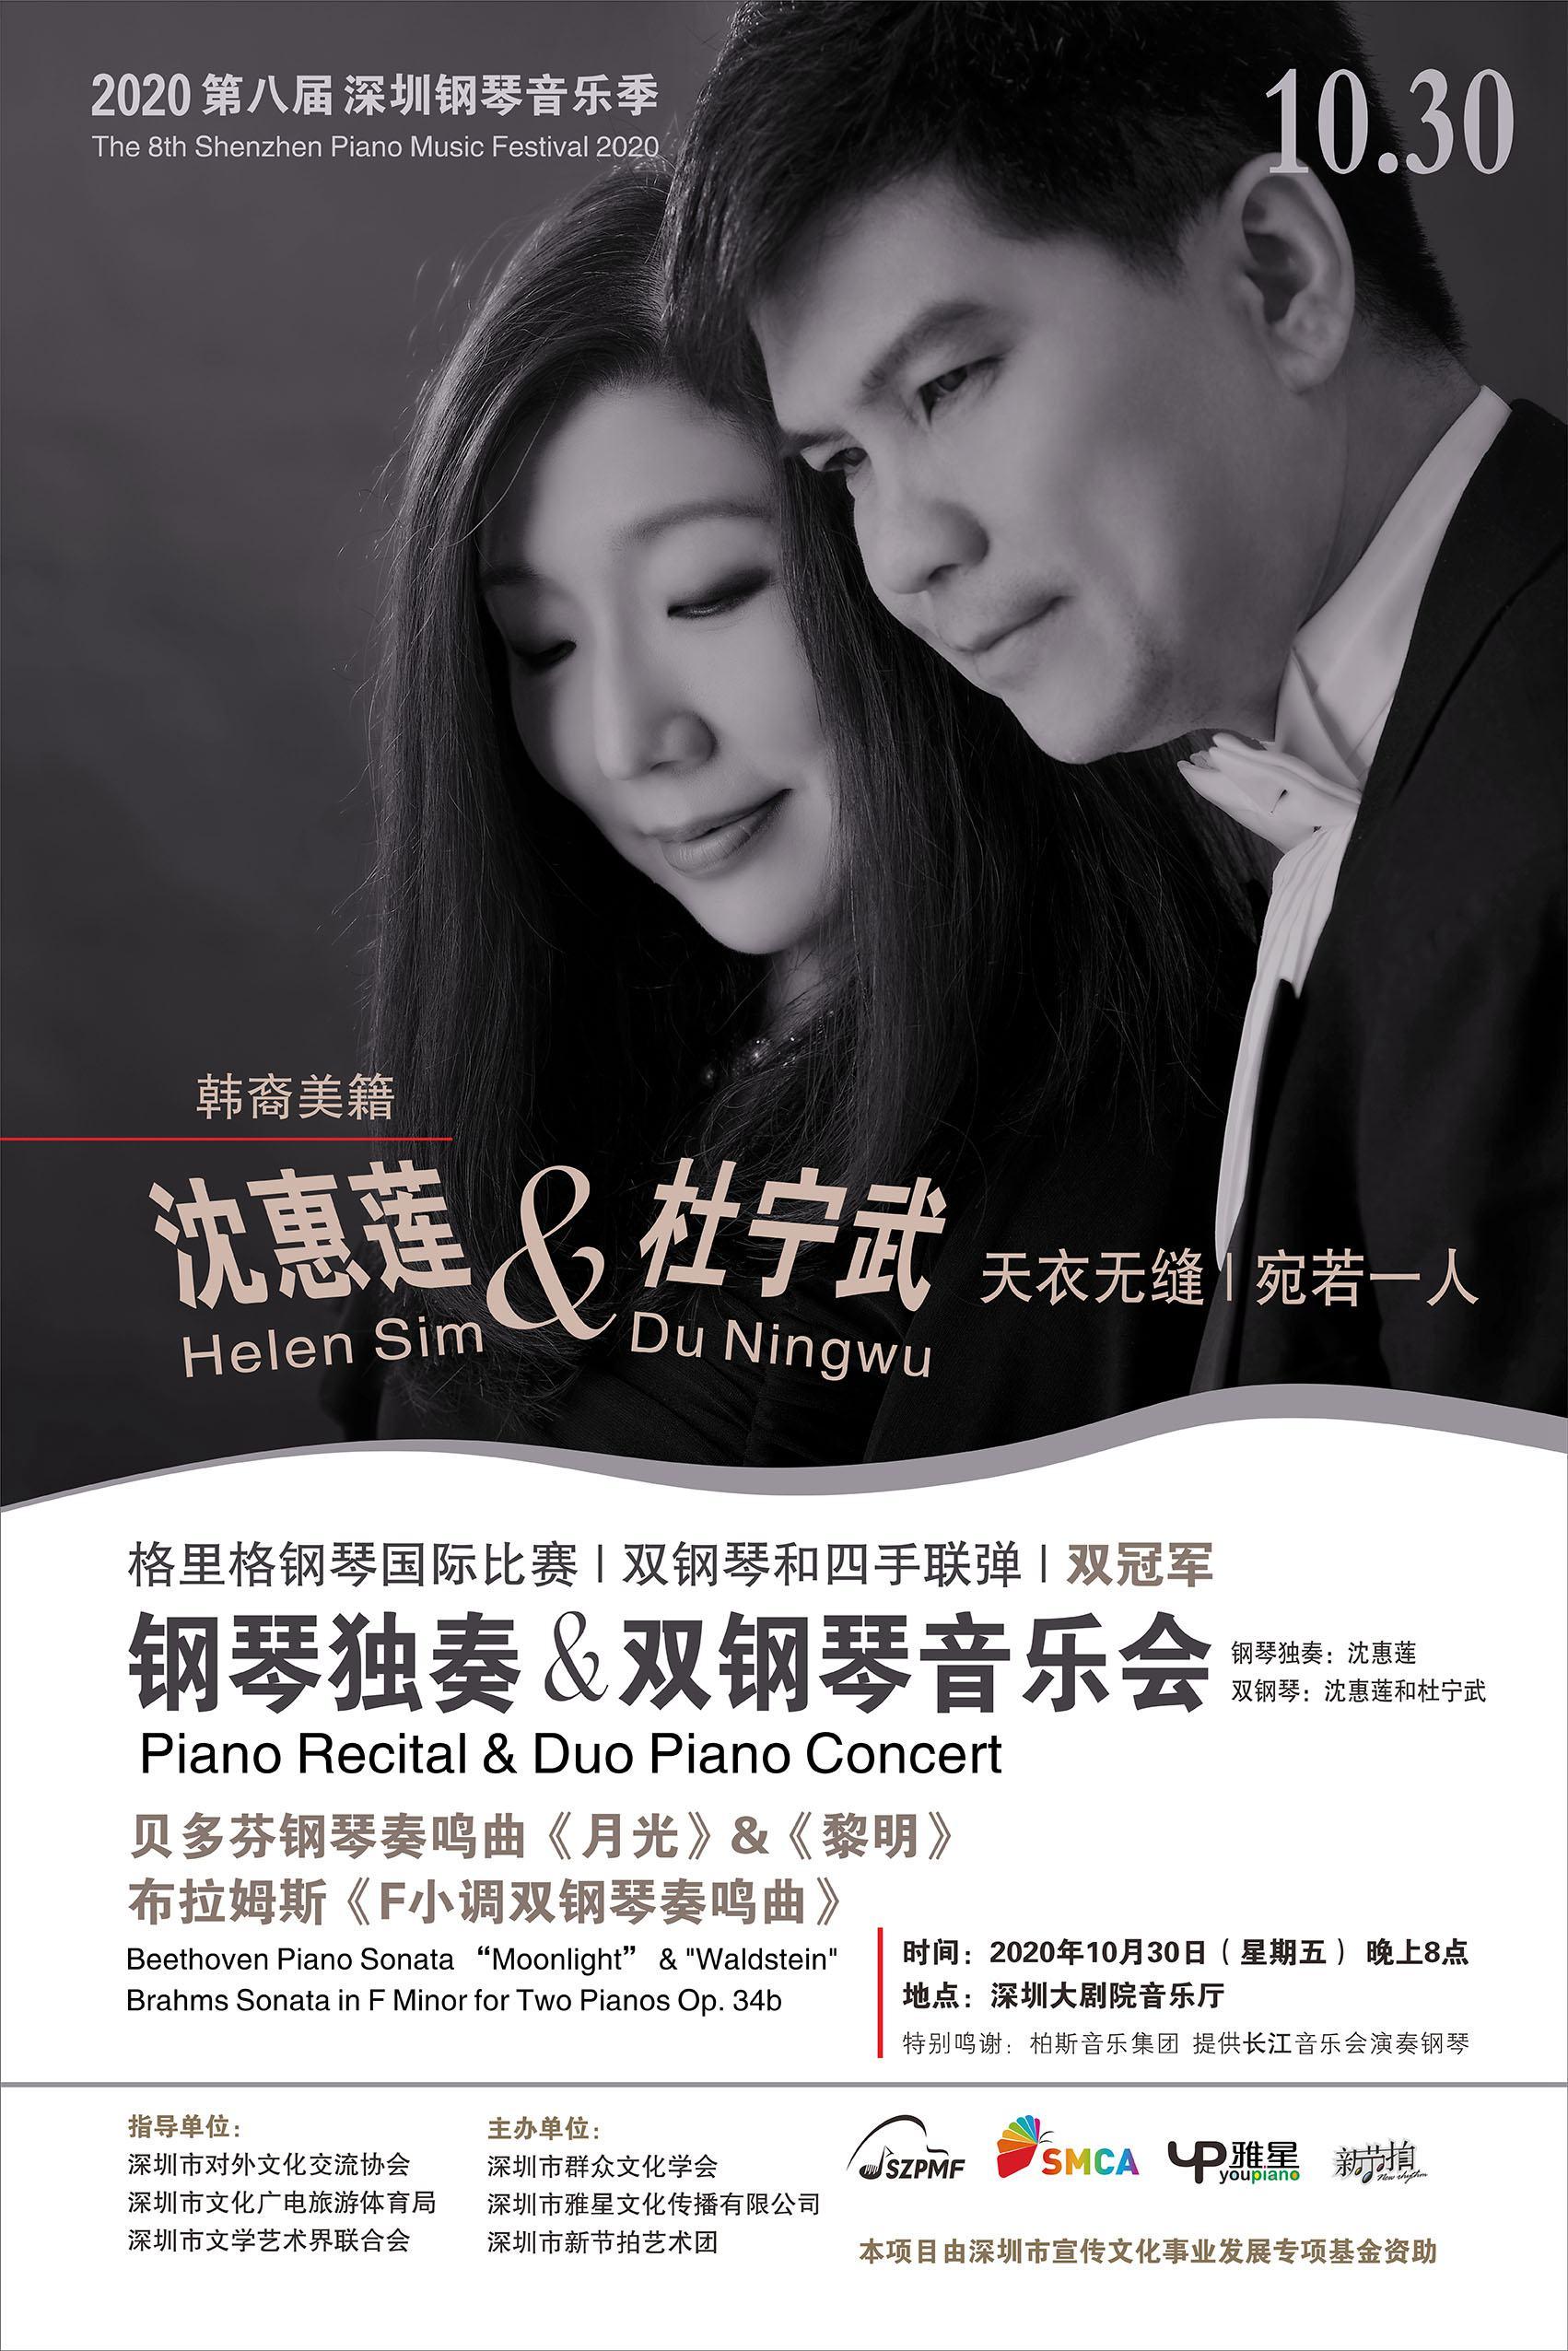 10月30日_沈惠莲和杜宁武双钢琴音乐会-small.jpg